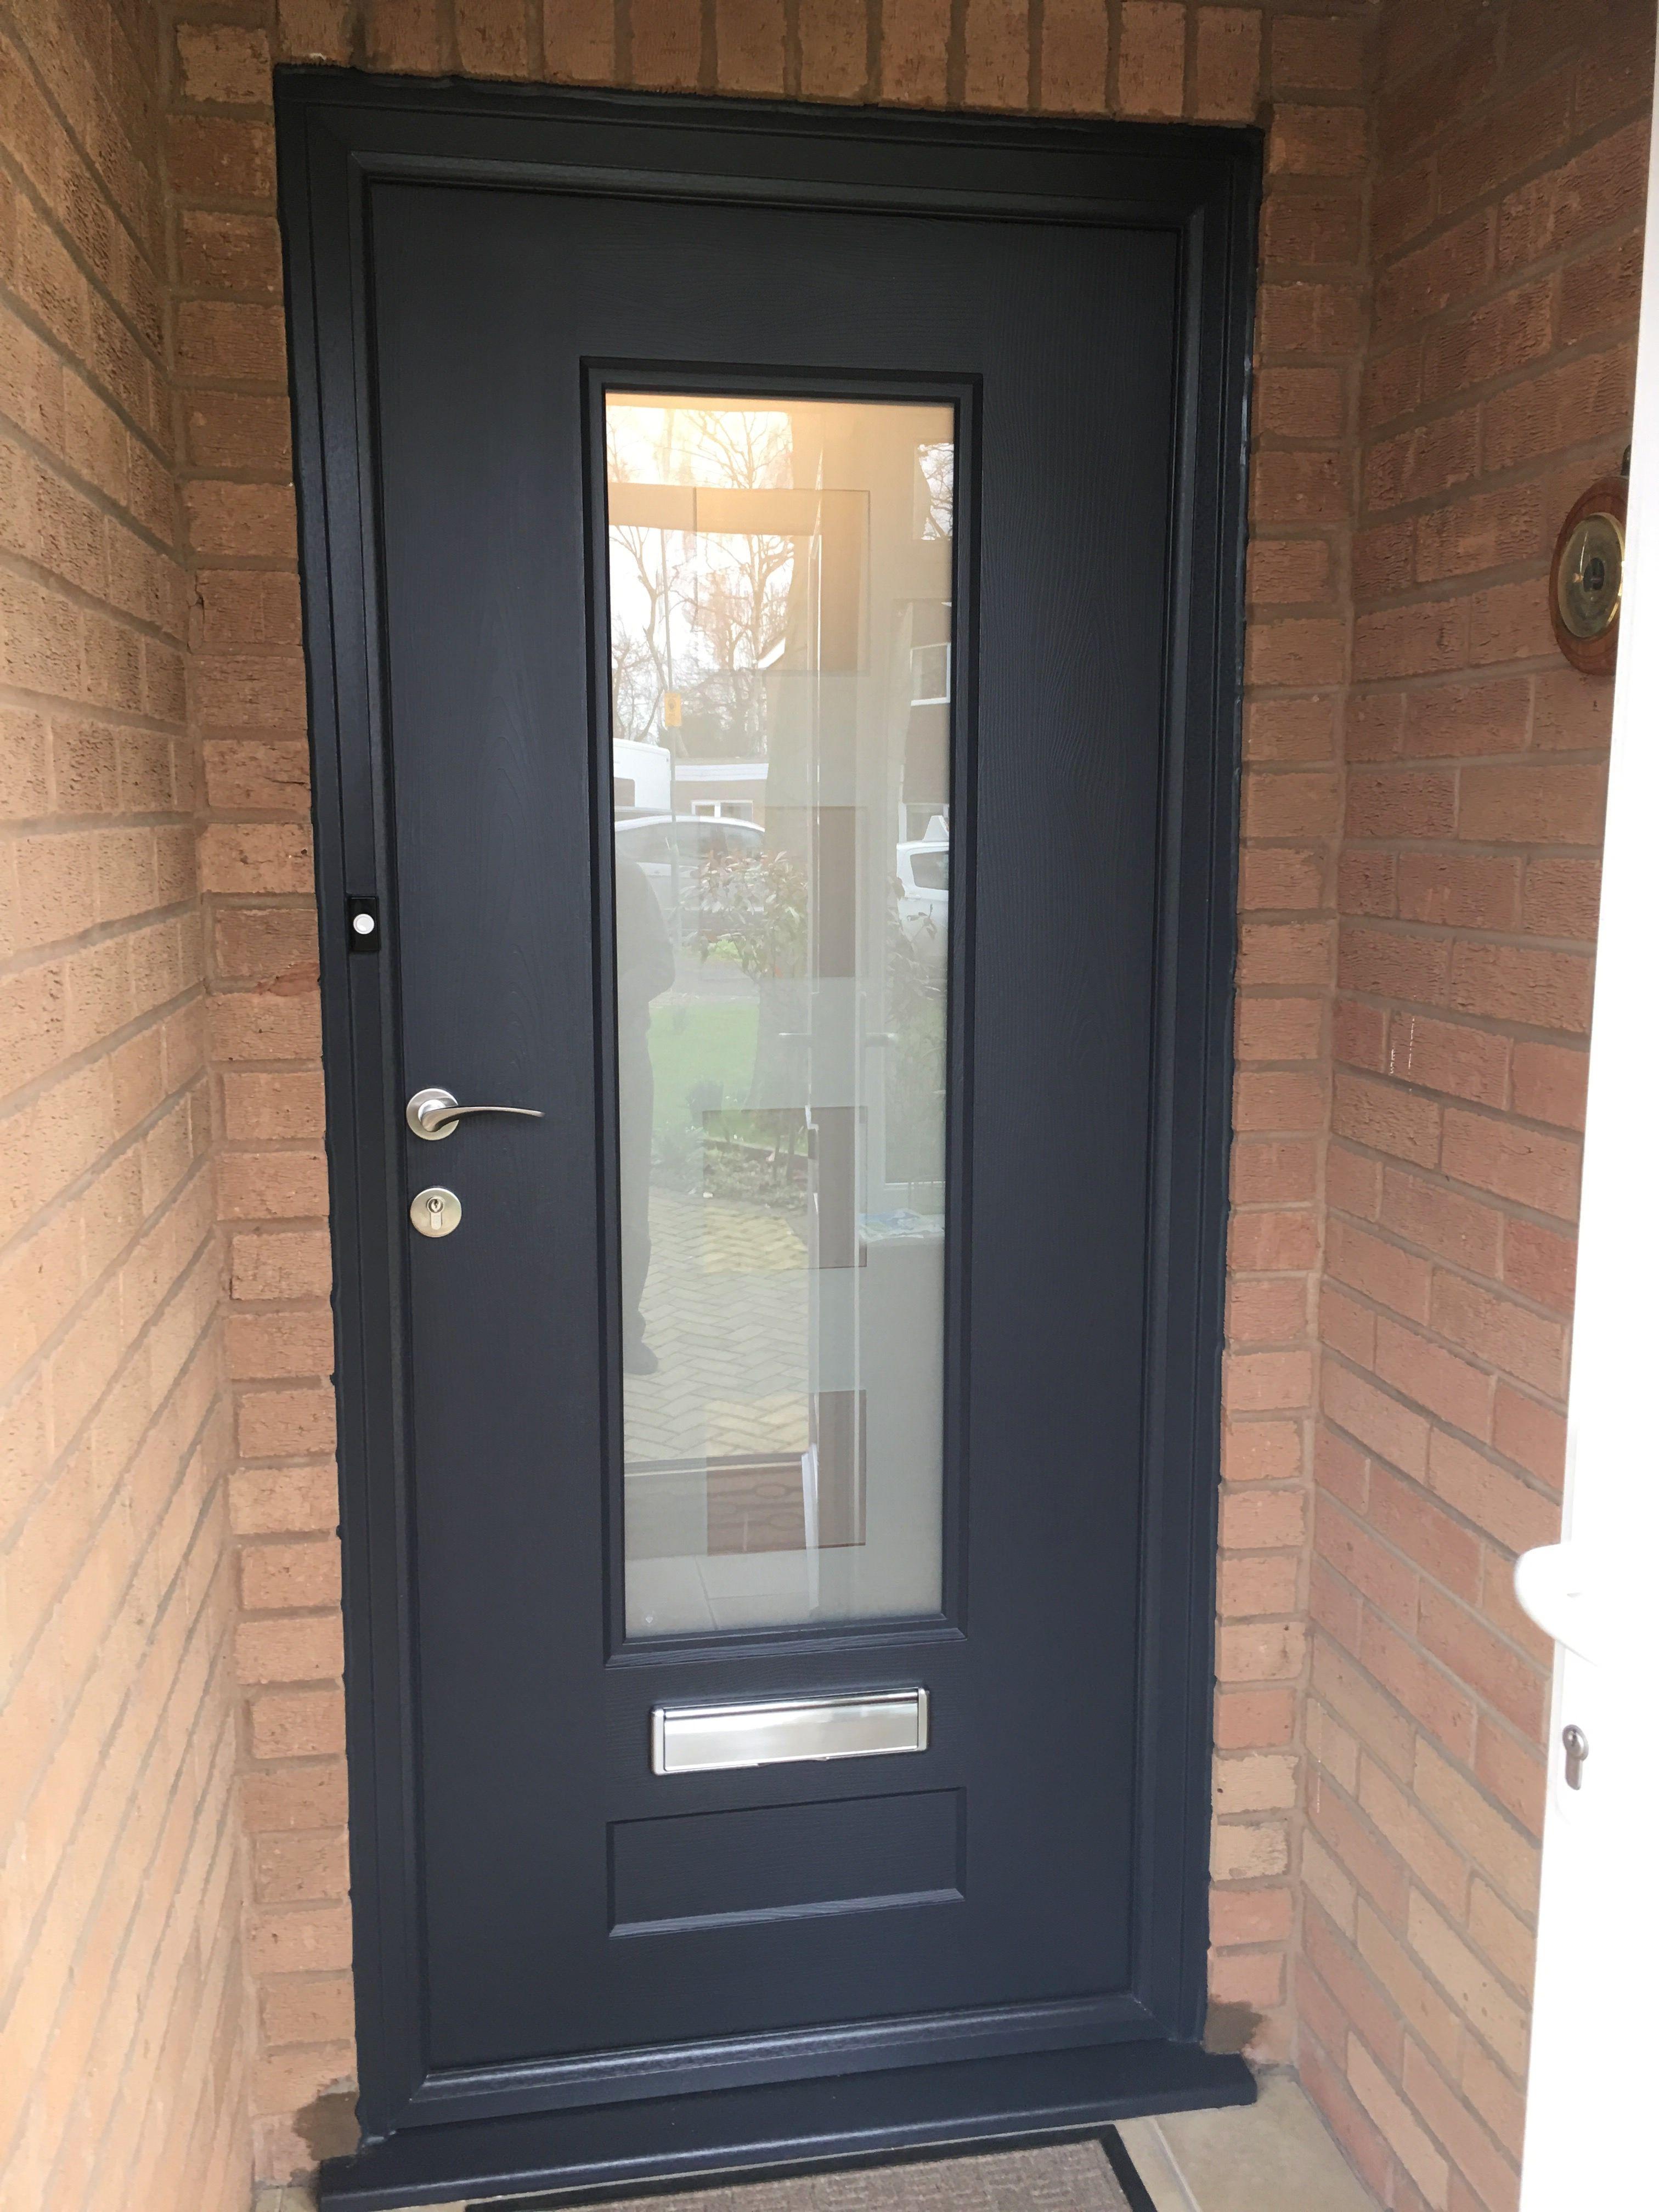 Rockdoor Vogue With Rose Handle In Anthracite Grey Http Verysecuredoors Co Uk Utm Content Buffere820d U Front Doors Uk Composite Front Door Front Door Styles